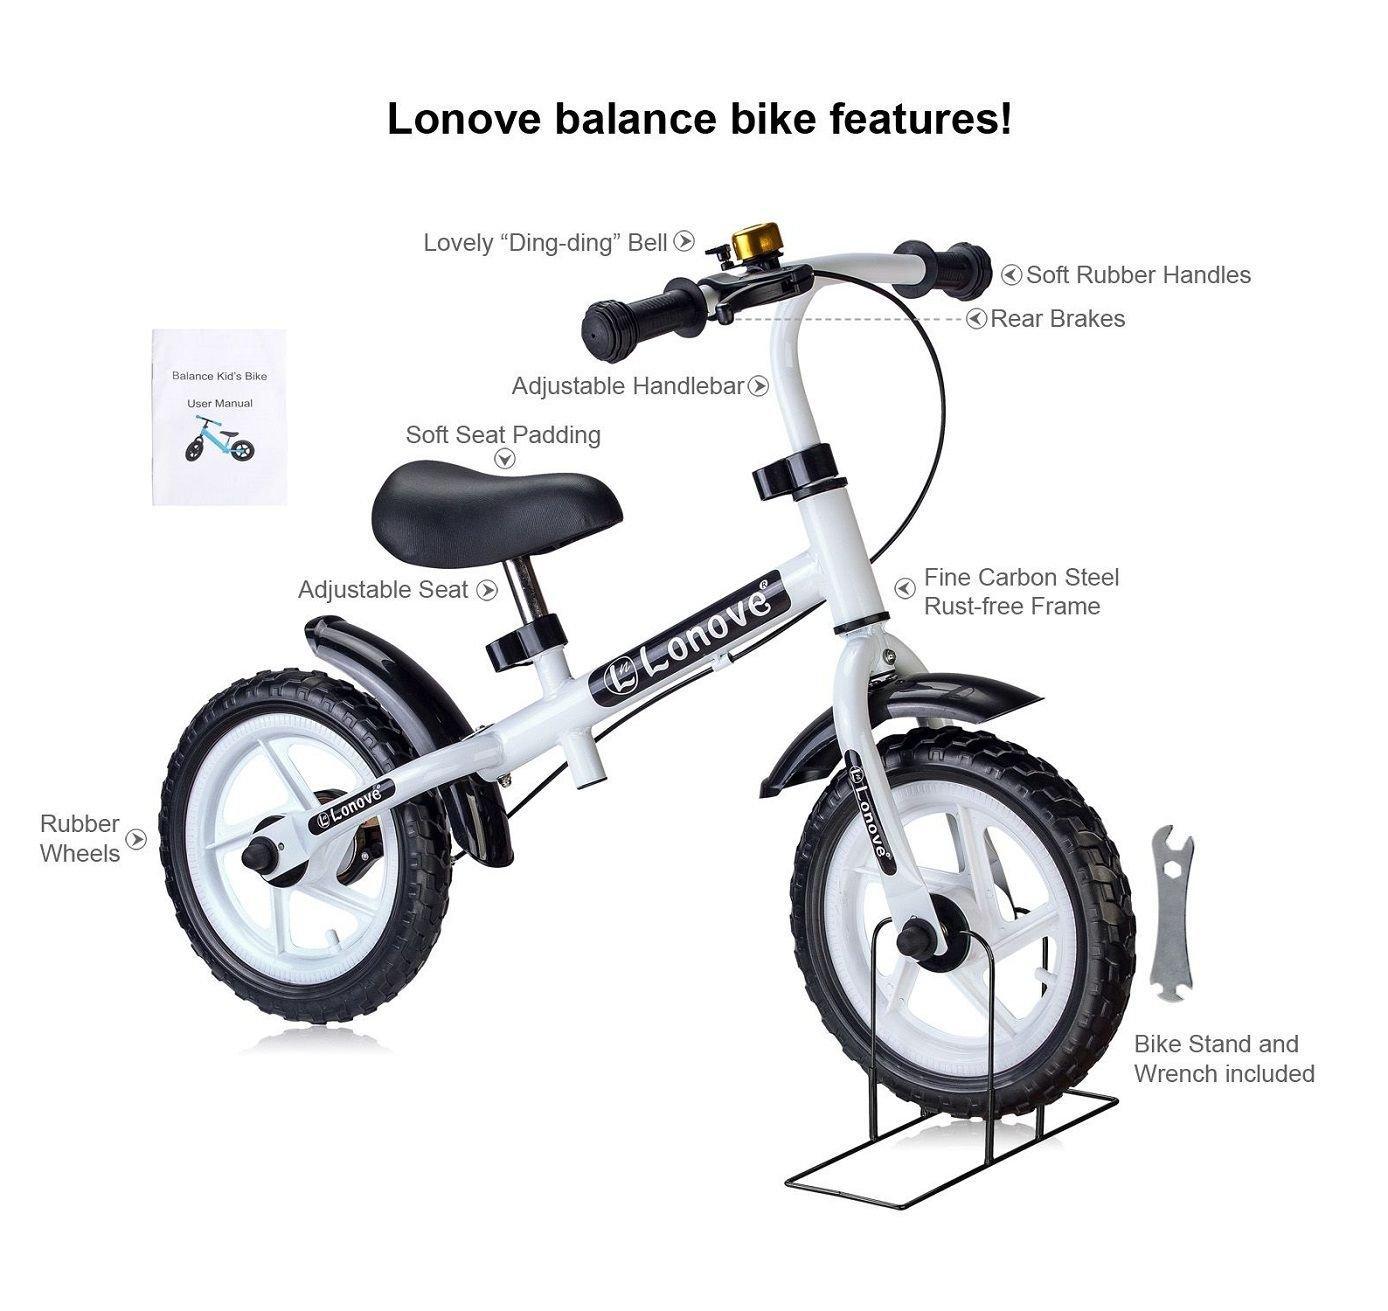 Child S 12 Balance Bike Rear Brake By Lonove No Pedal